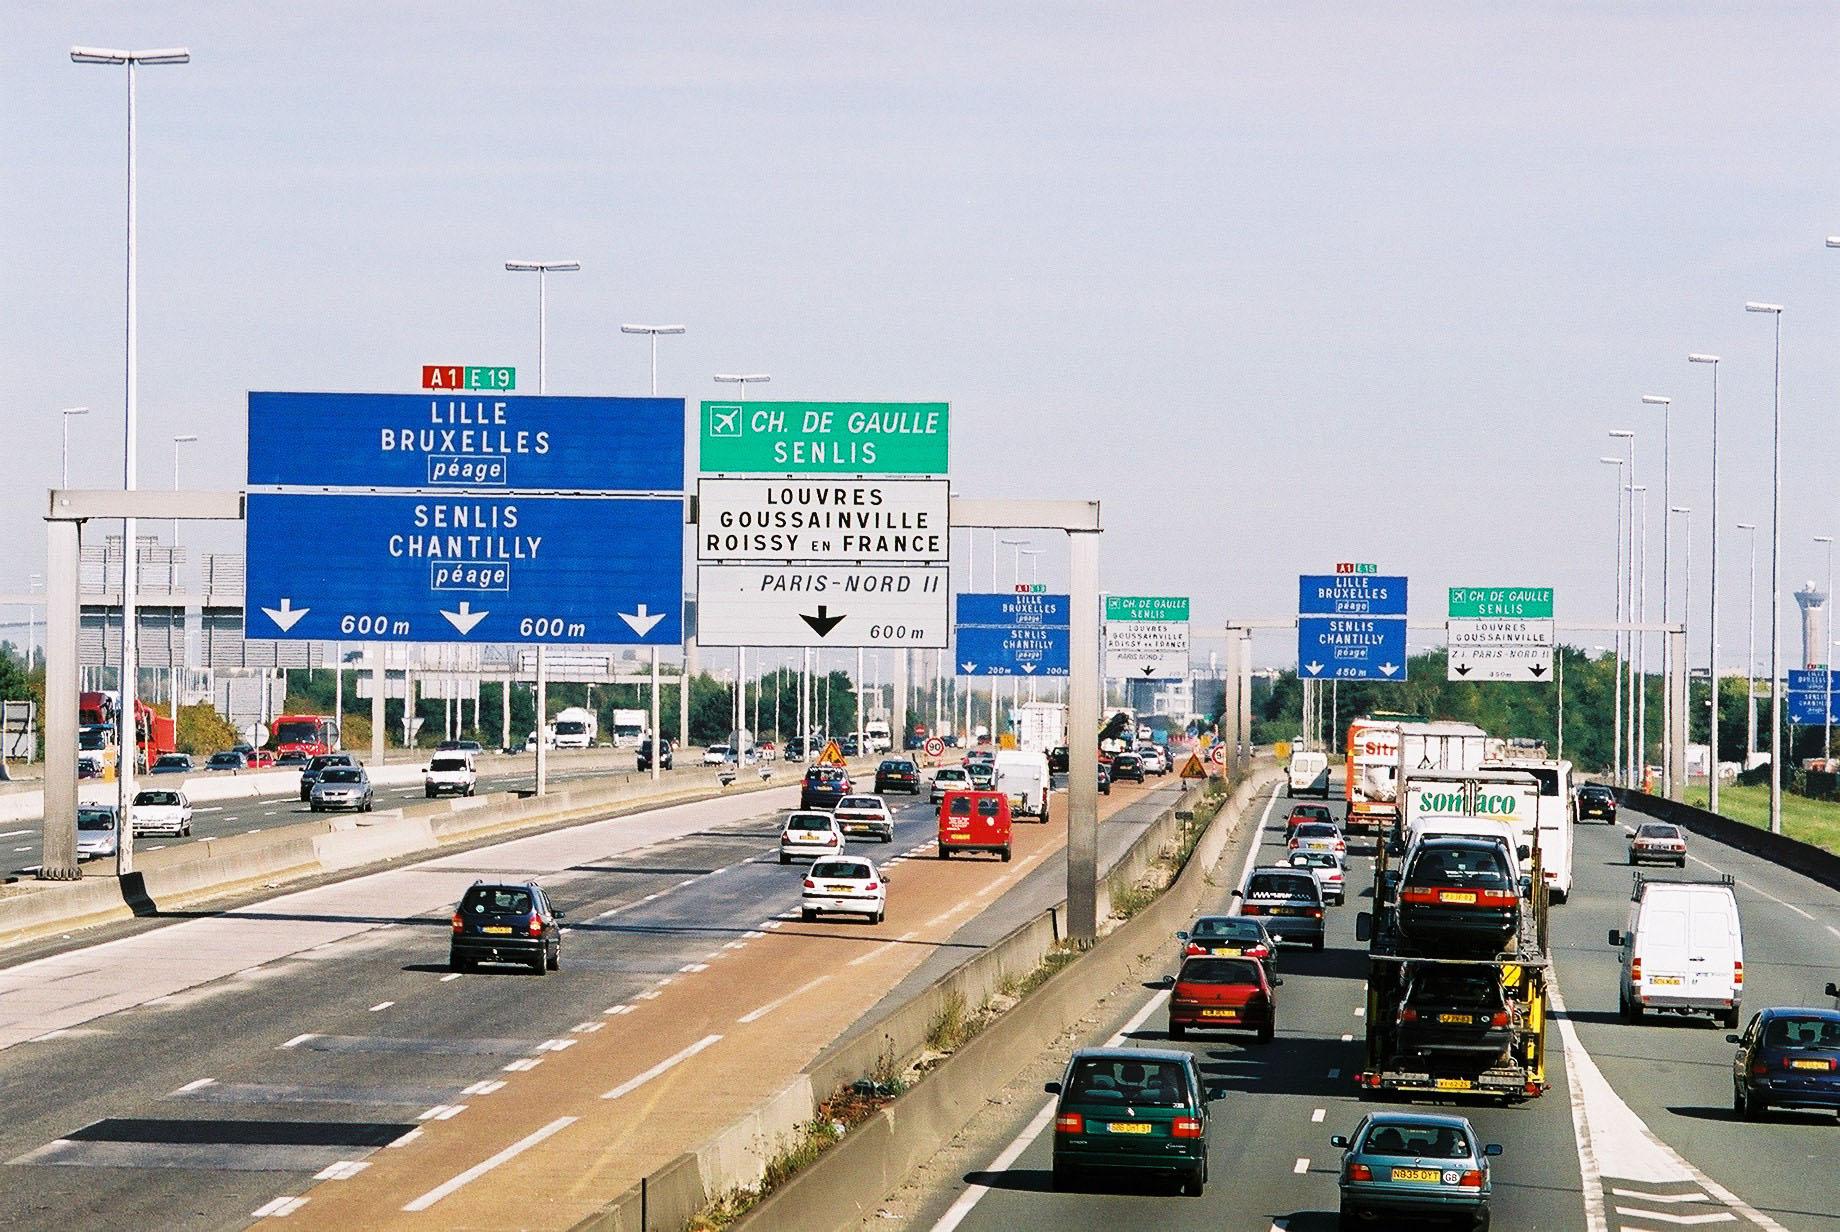 Resultado de imagen de autopista A1 con dirección a Lille